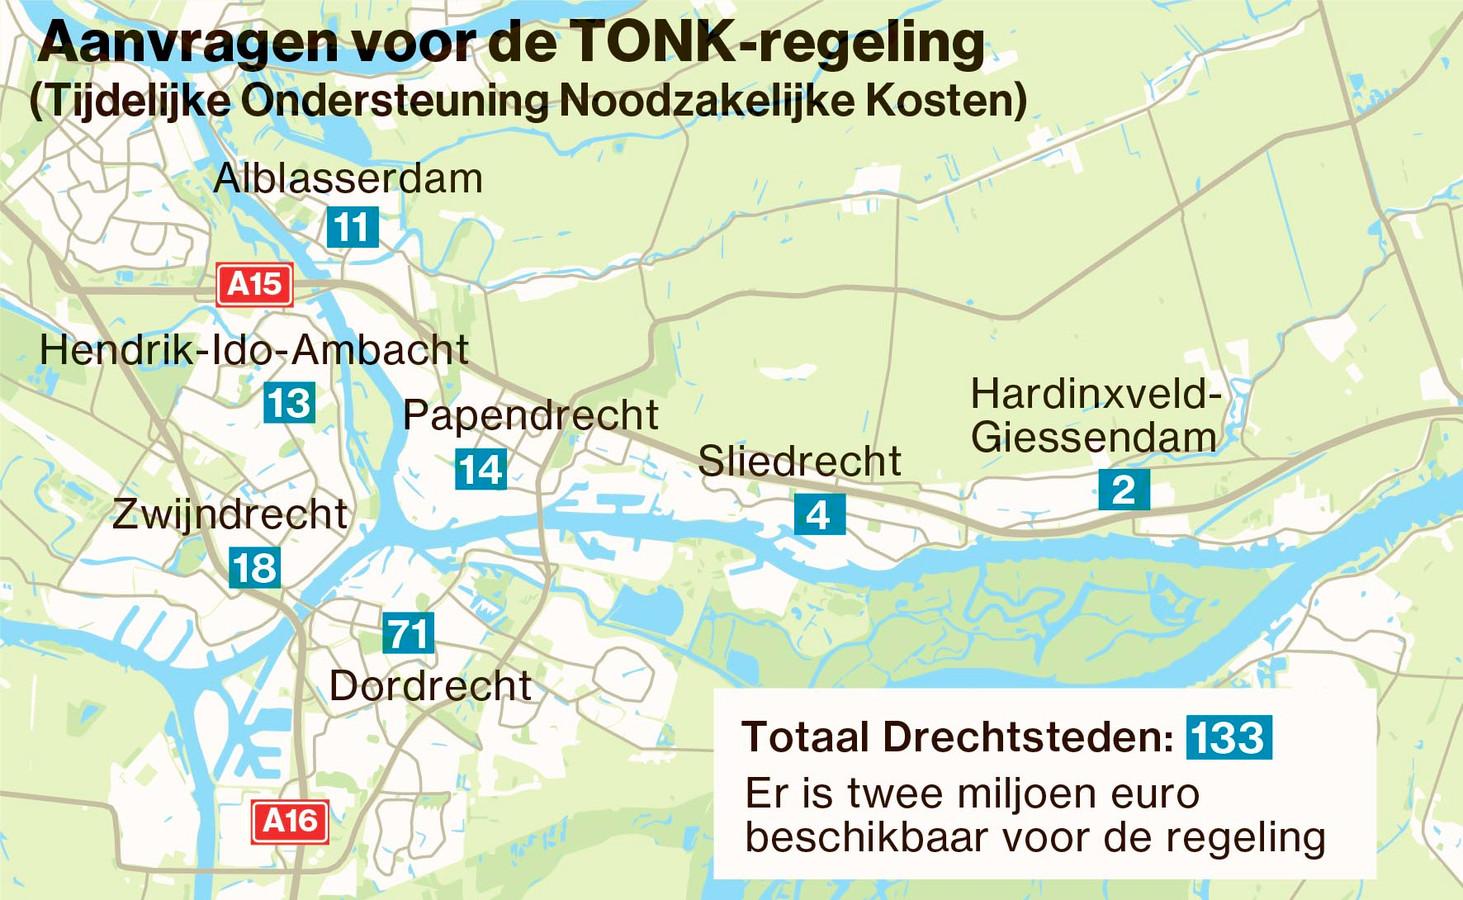 Volgens de gemeenten in de Drechtsteden zouden zo'n 700 ondernemers en flexwerkers gebruik mogen maken van de Tonk-regeling. Slechts 133 mensen hebben zich daadwerkelijk gemeld.